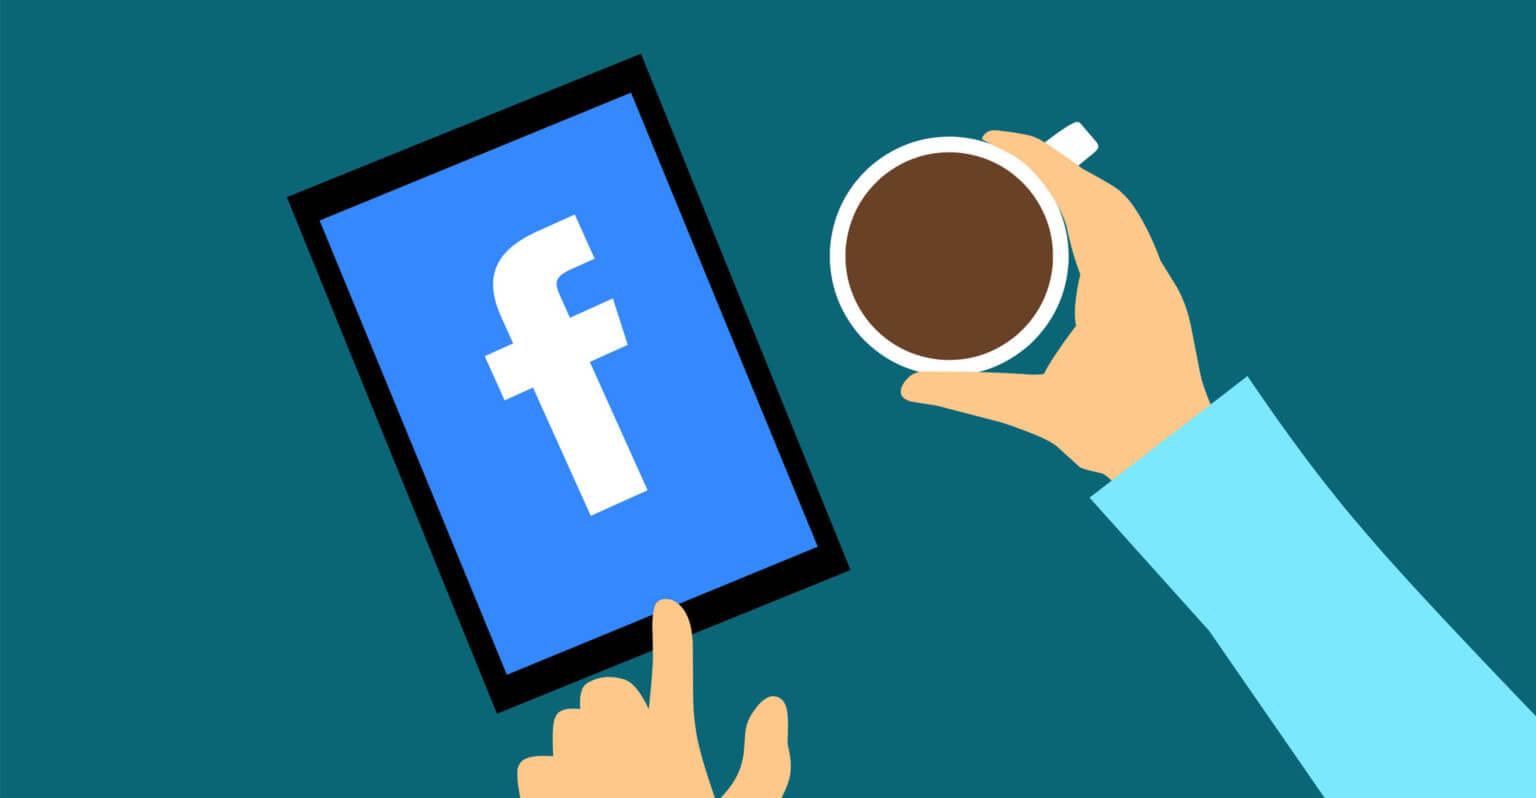 Facebook - Facebook angaria mais de 300 milhões de dólares em campanhas de aniversário